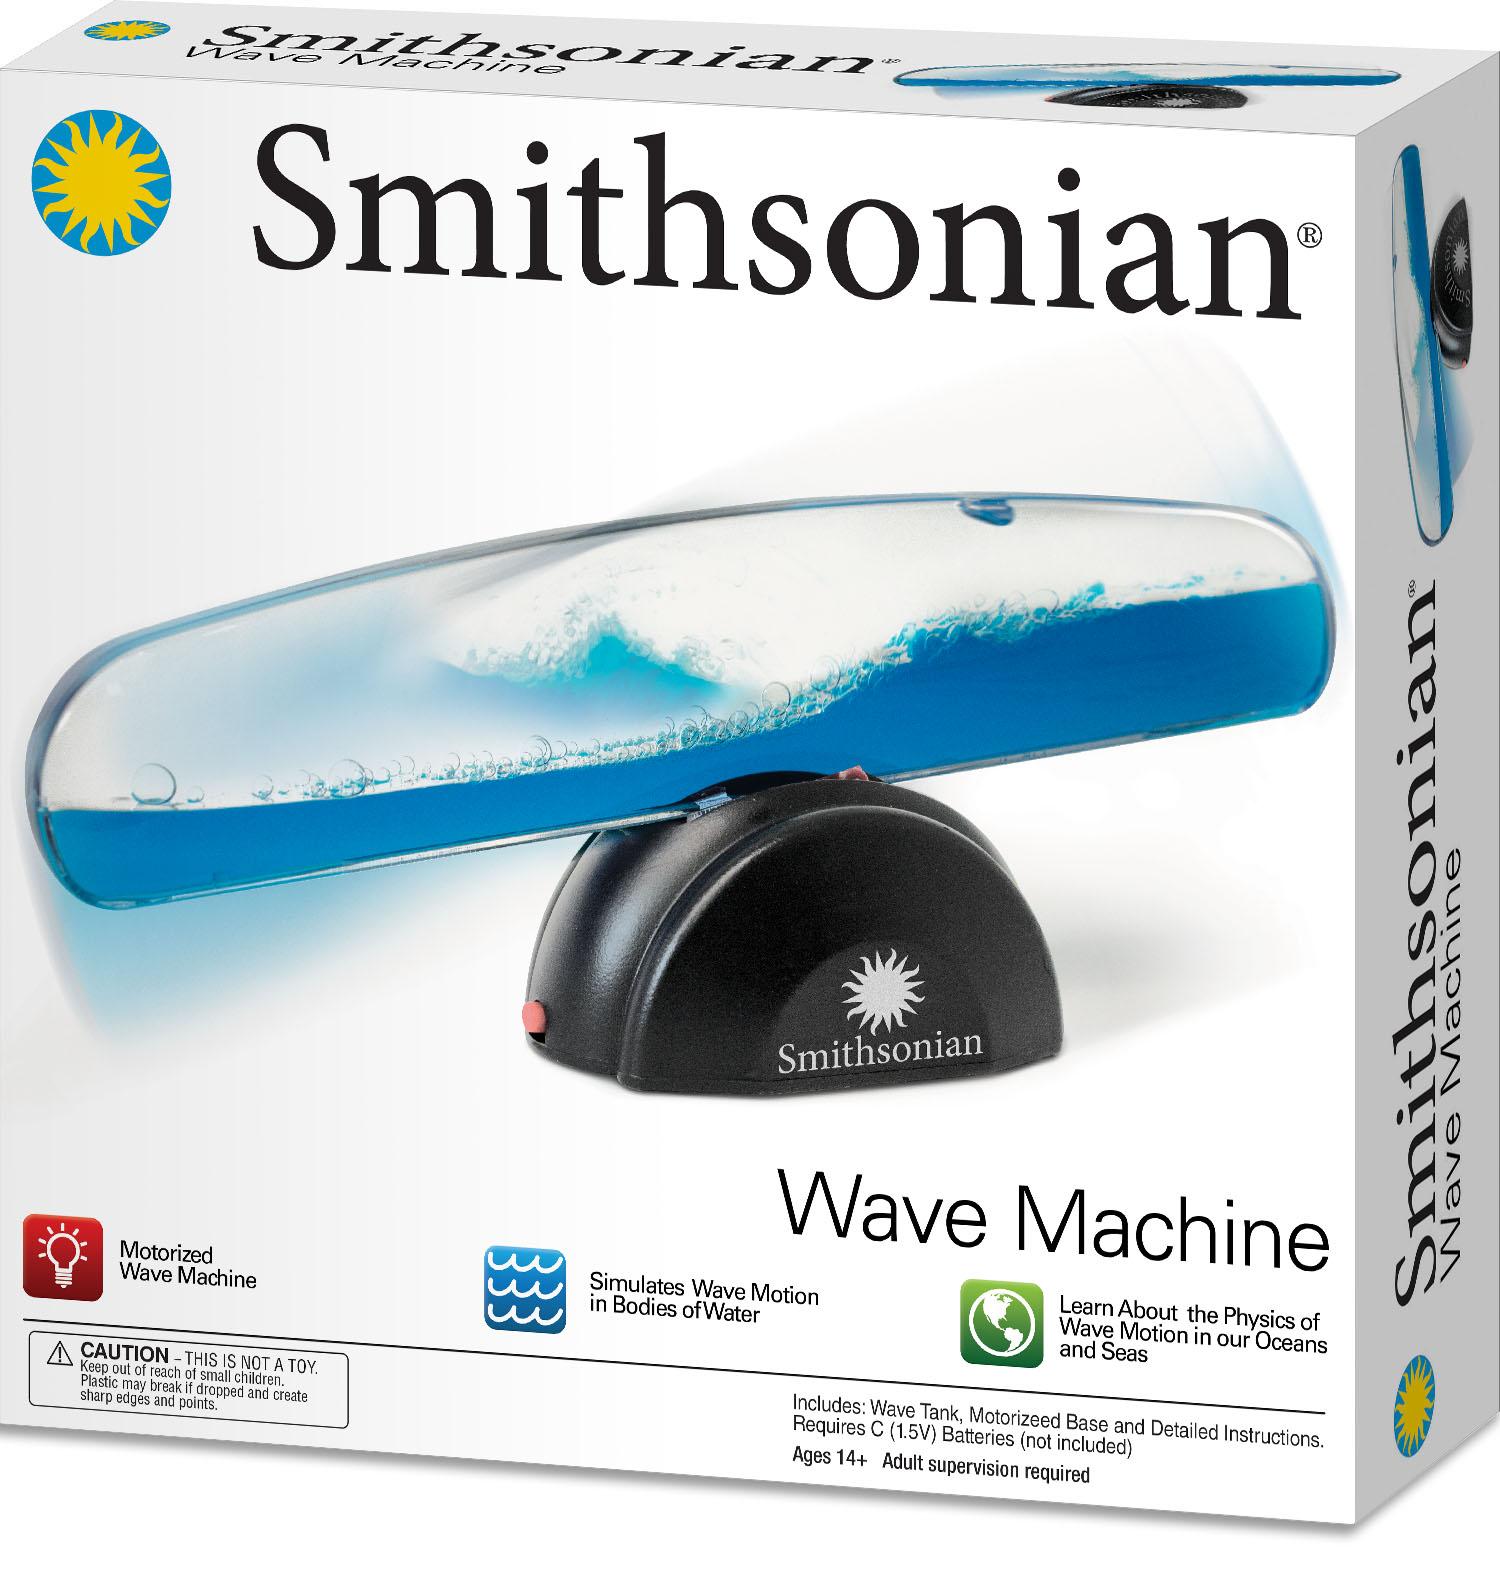 SMITHSONIAN WAVE MACHINE